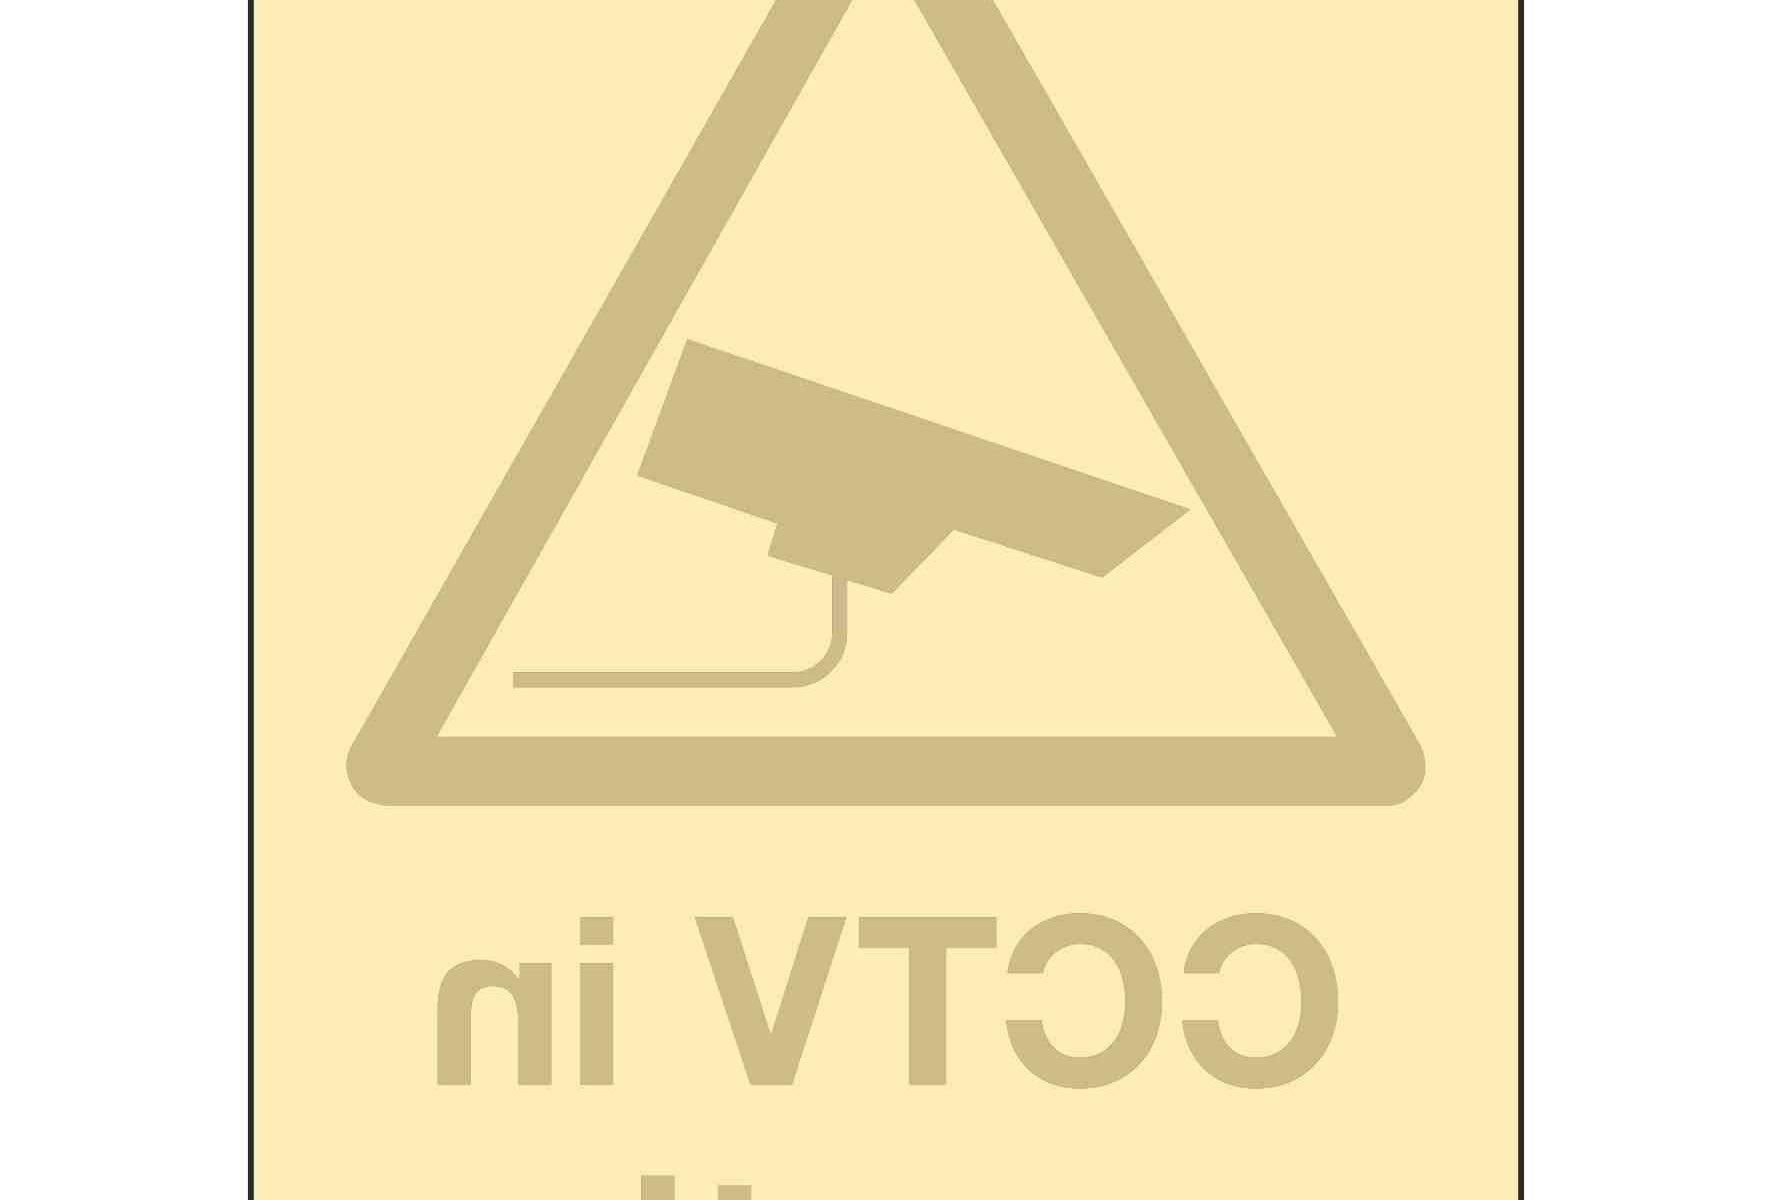 CCTV in operation (Inside window fix)